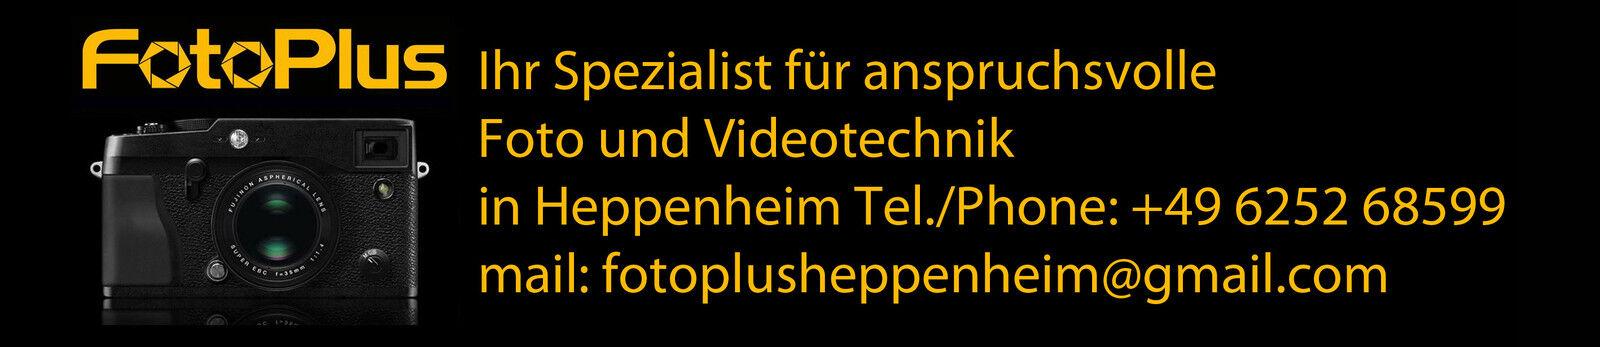 FotoPlus